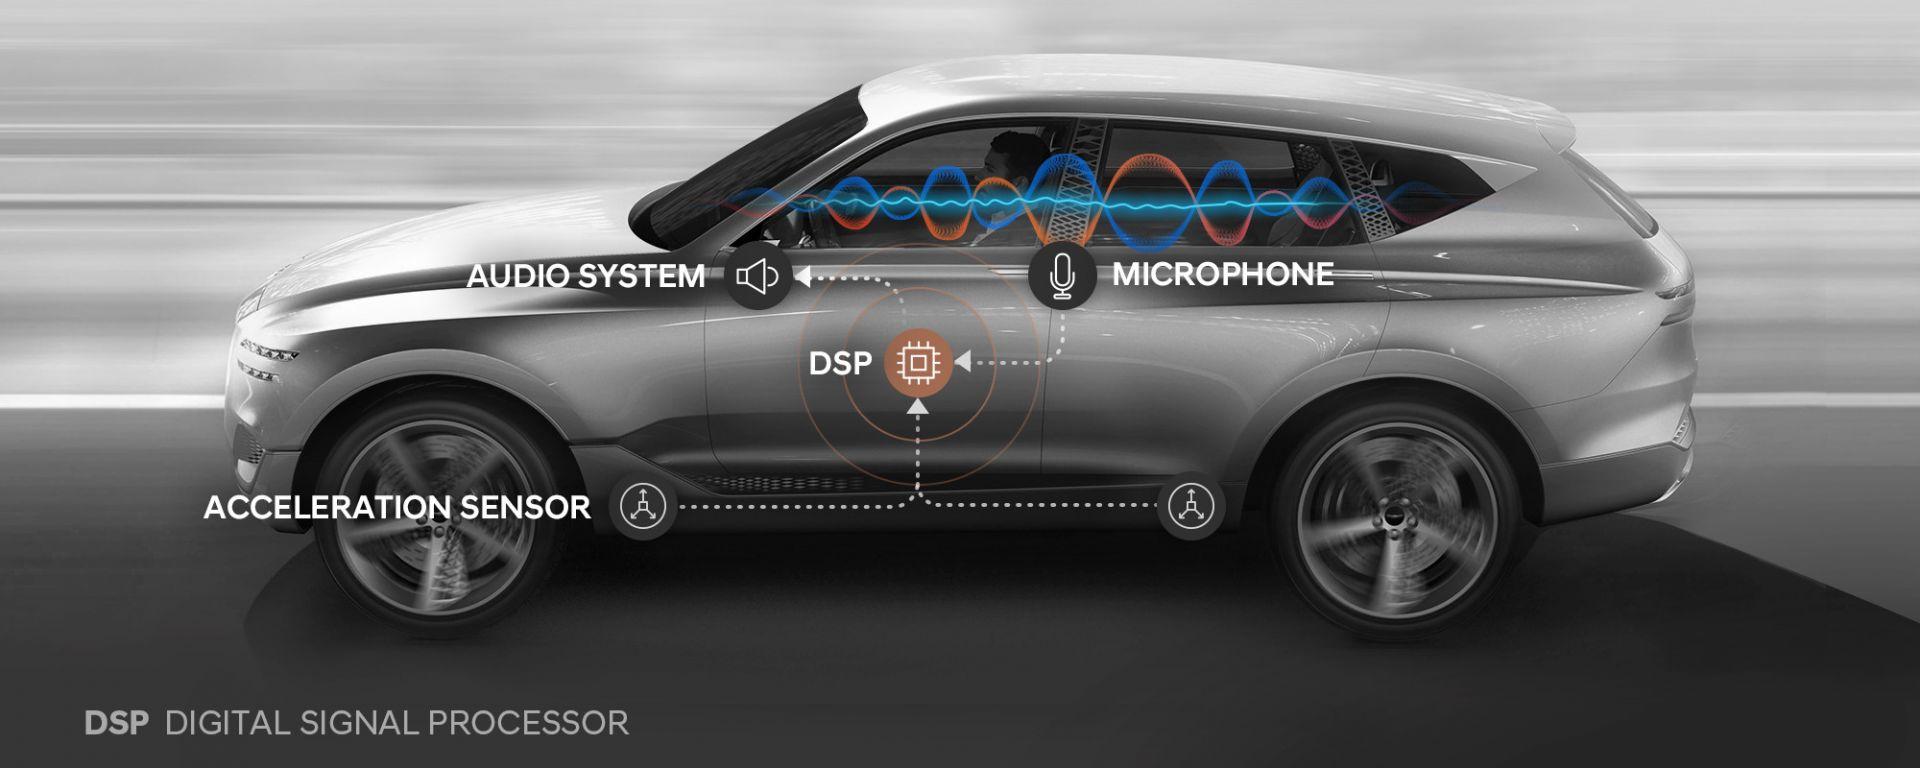 La tecnologia per la riduzione del rumore di Hyundai